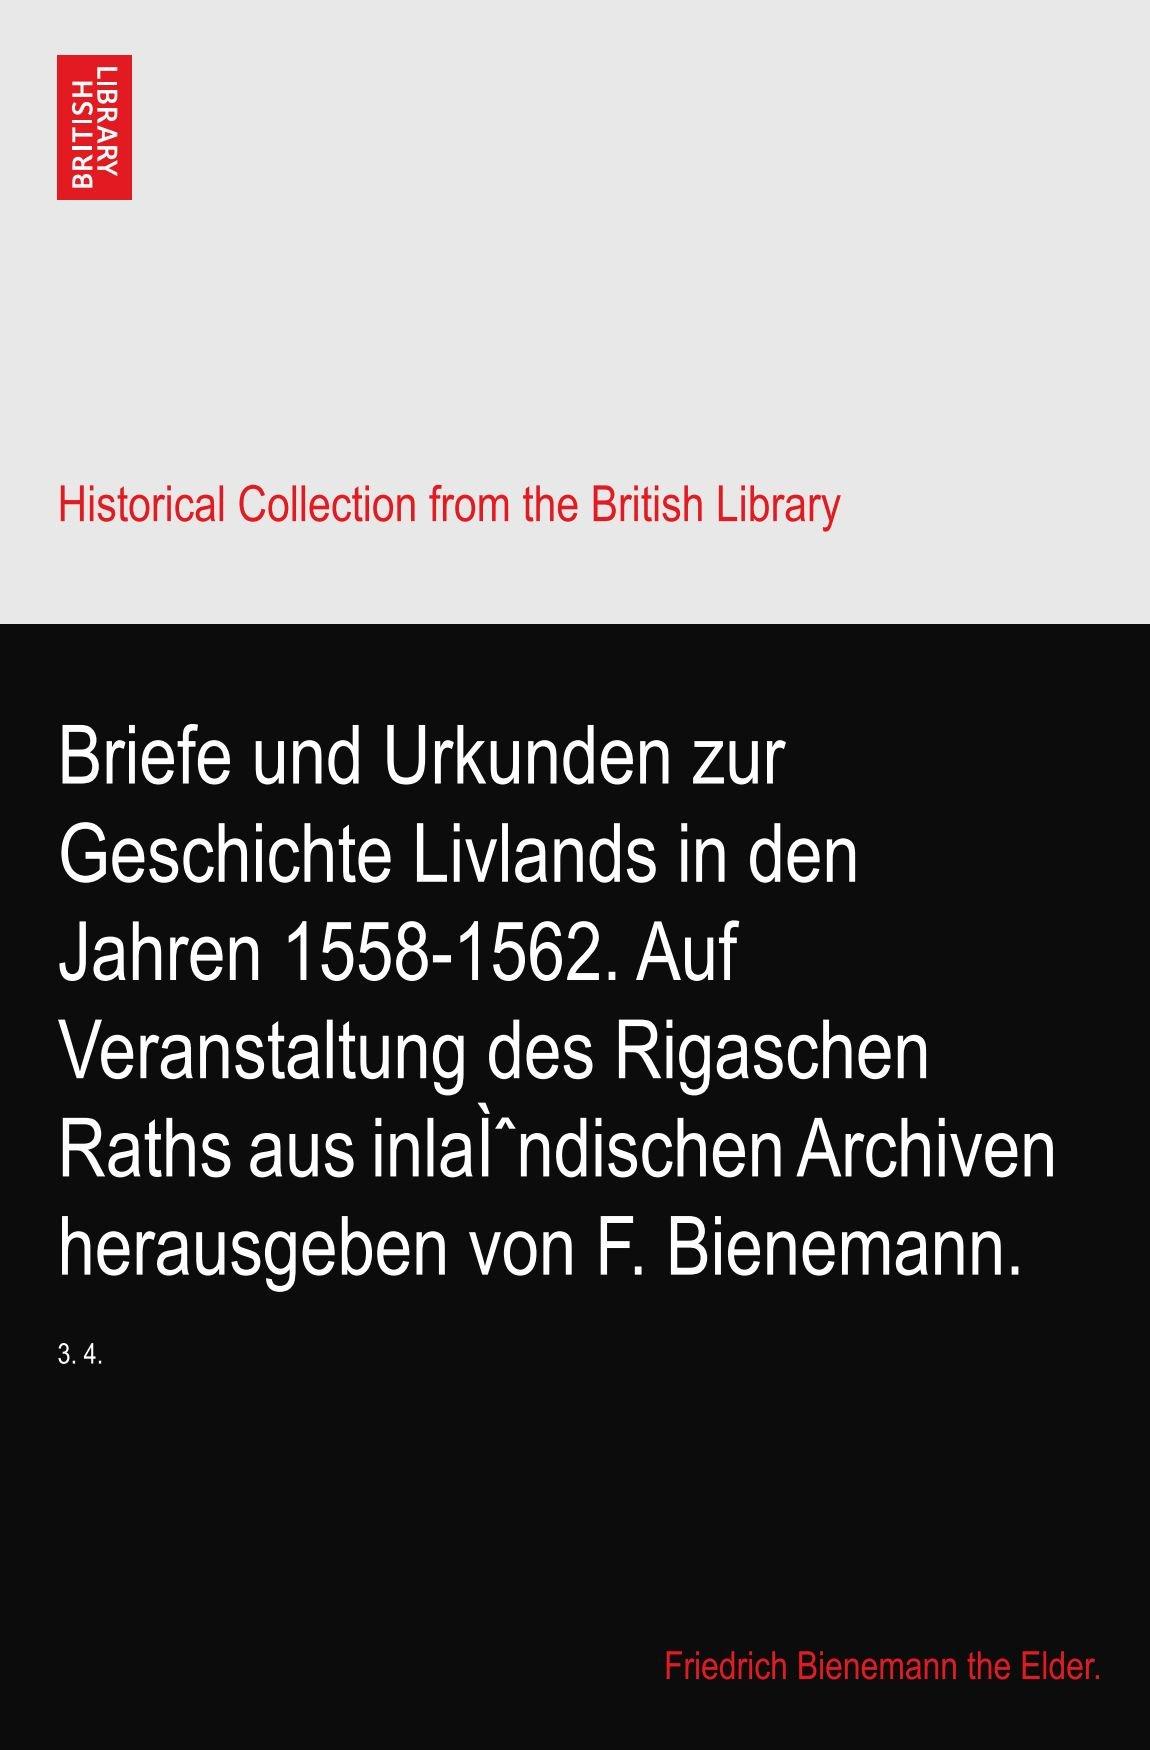 Download Briefe und Urkunden zur Geschichte Livlands in den Jahren 1558-1562. Auf Veranstaltung des Rigaschen Raths aus inländischen Archiven herausgeben von F. Bienemann.: 3. 4. pdf